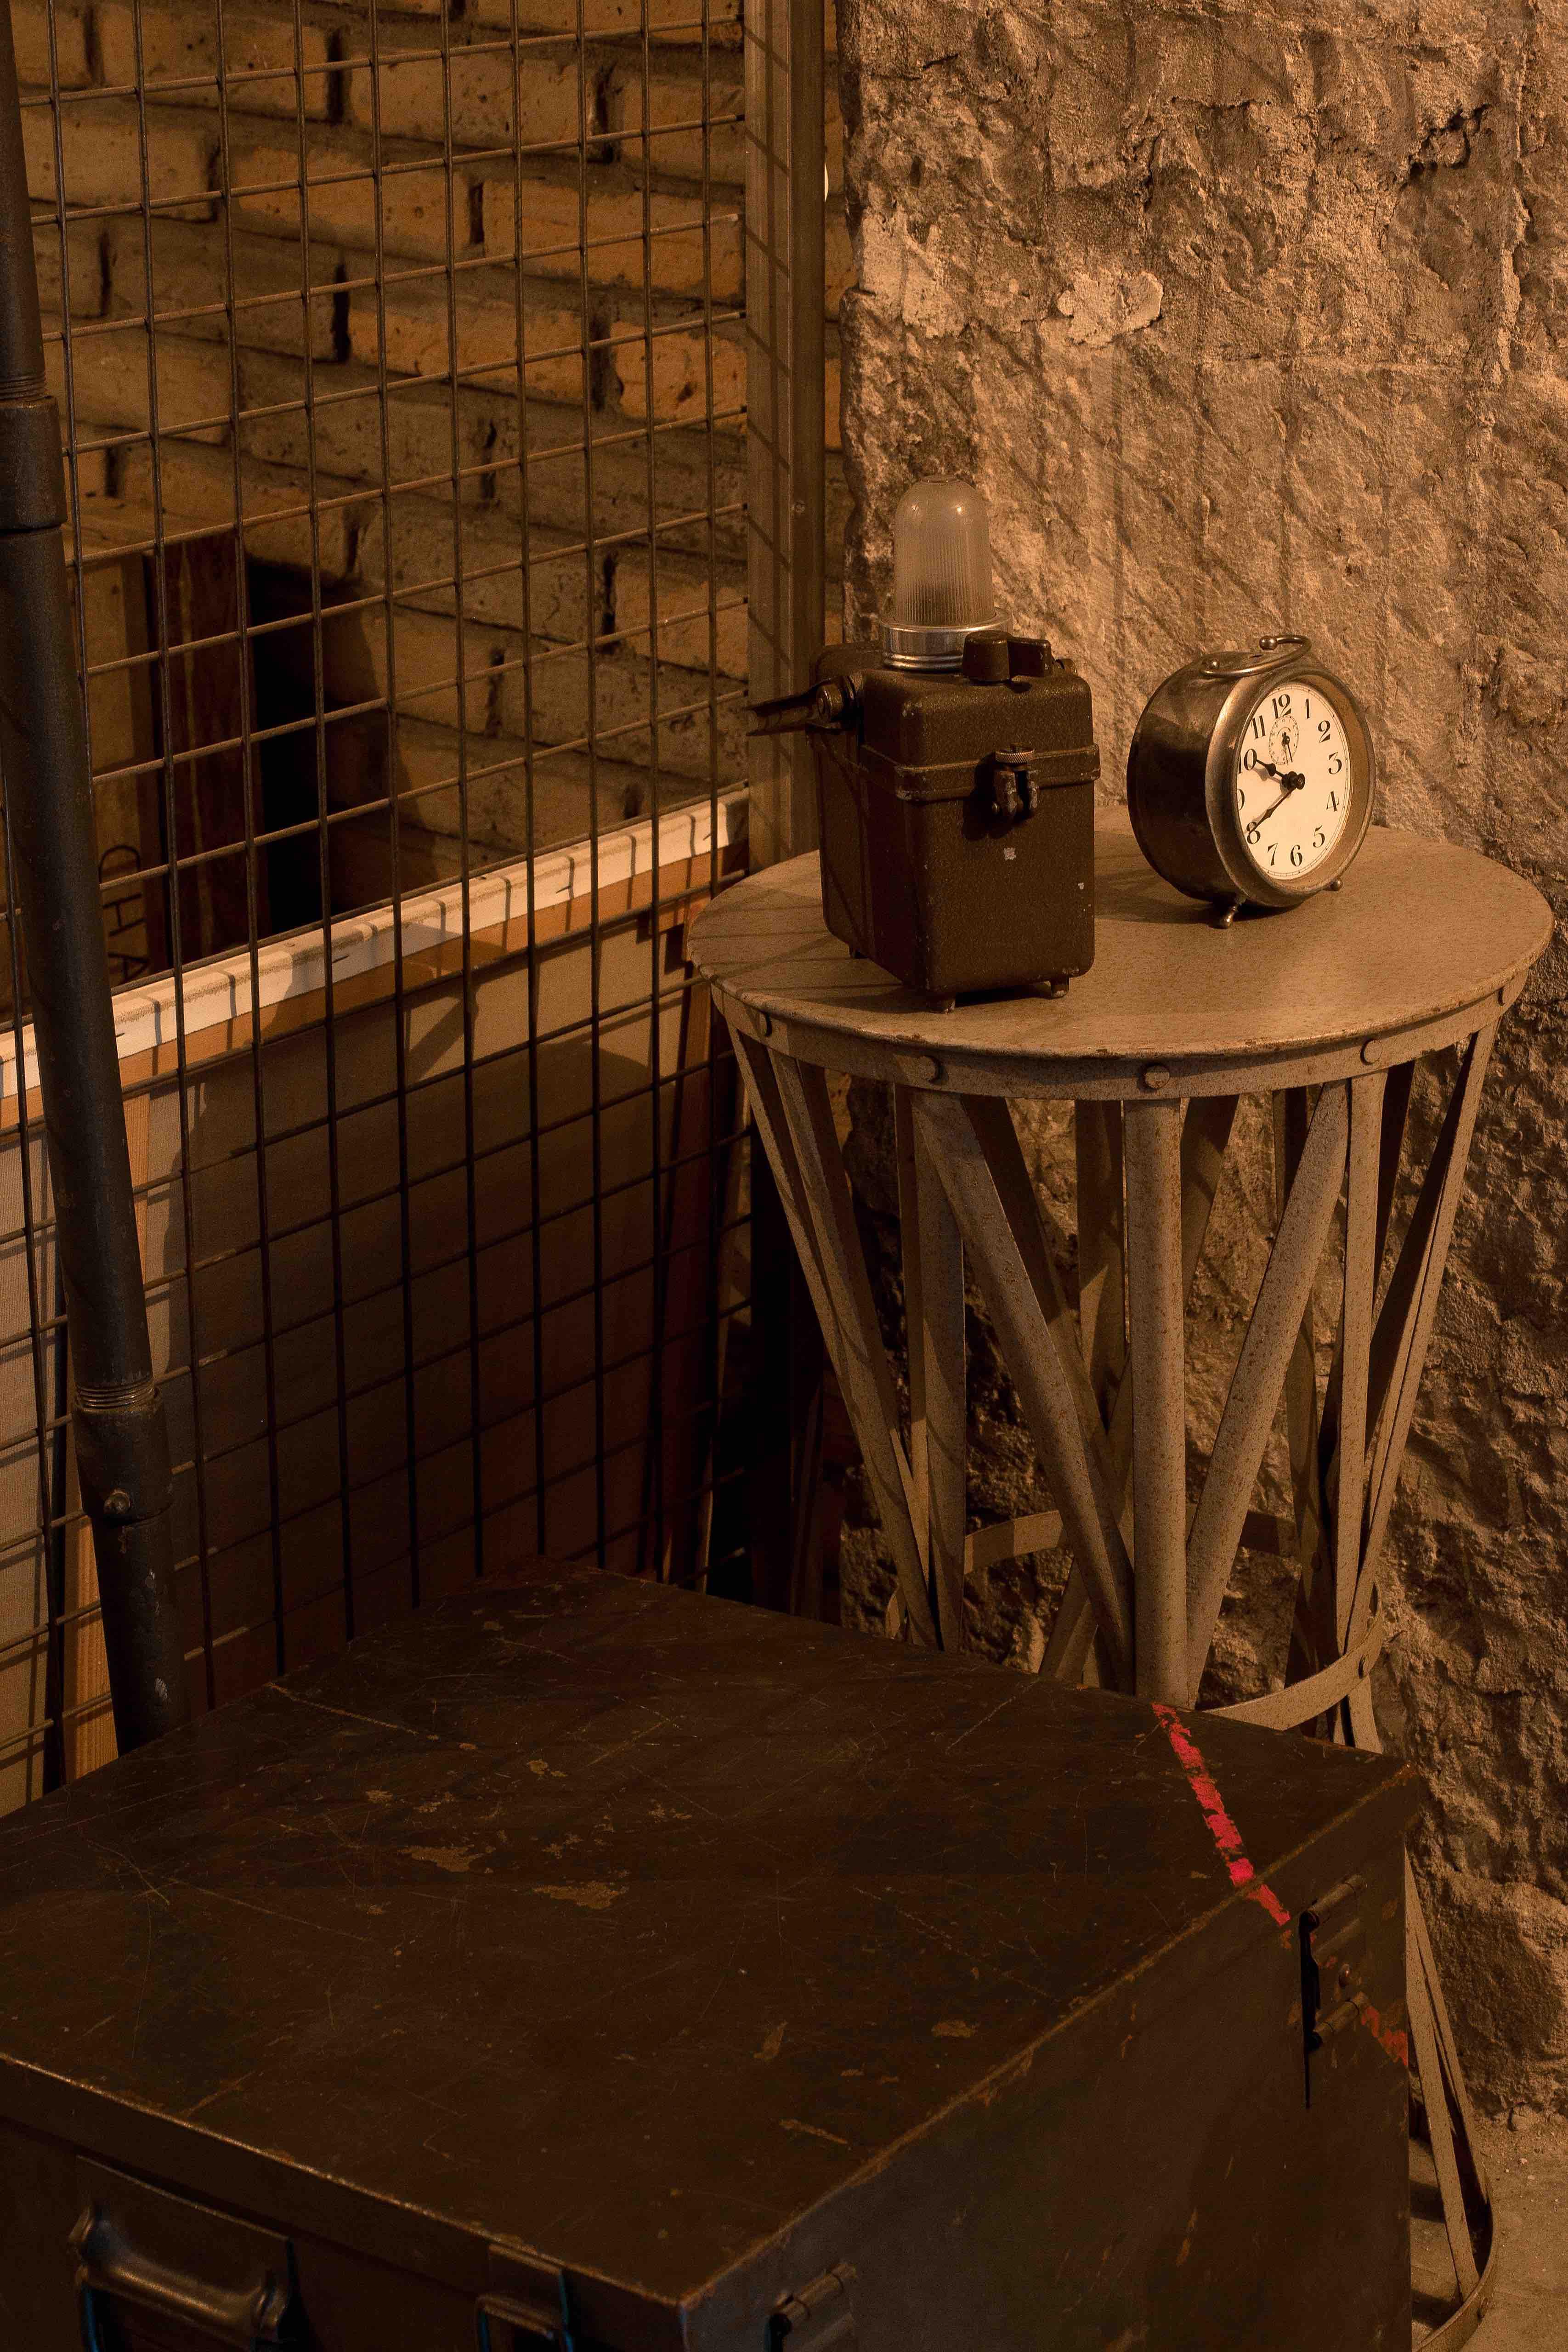 Accessoires de la salle Monuments Men - Escape game Le défi des ducs à Dijon